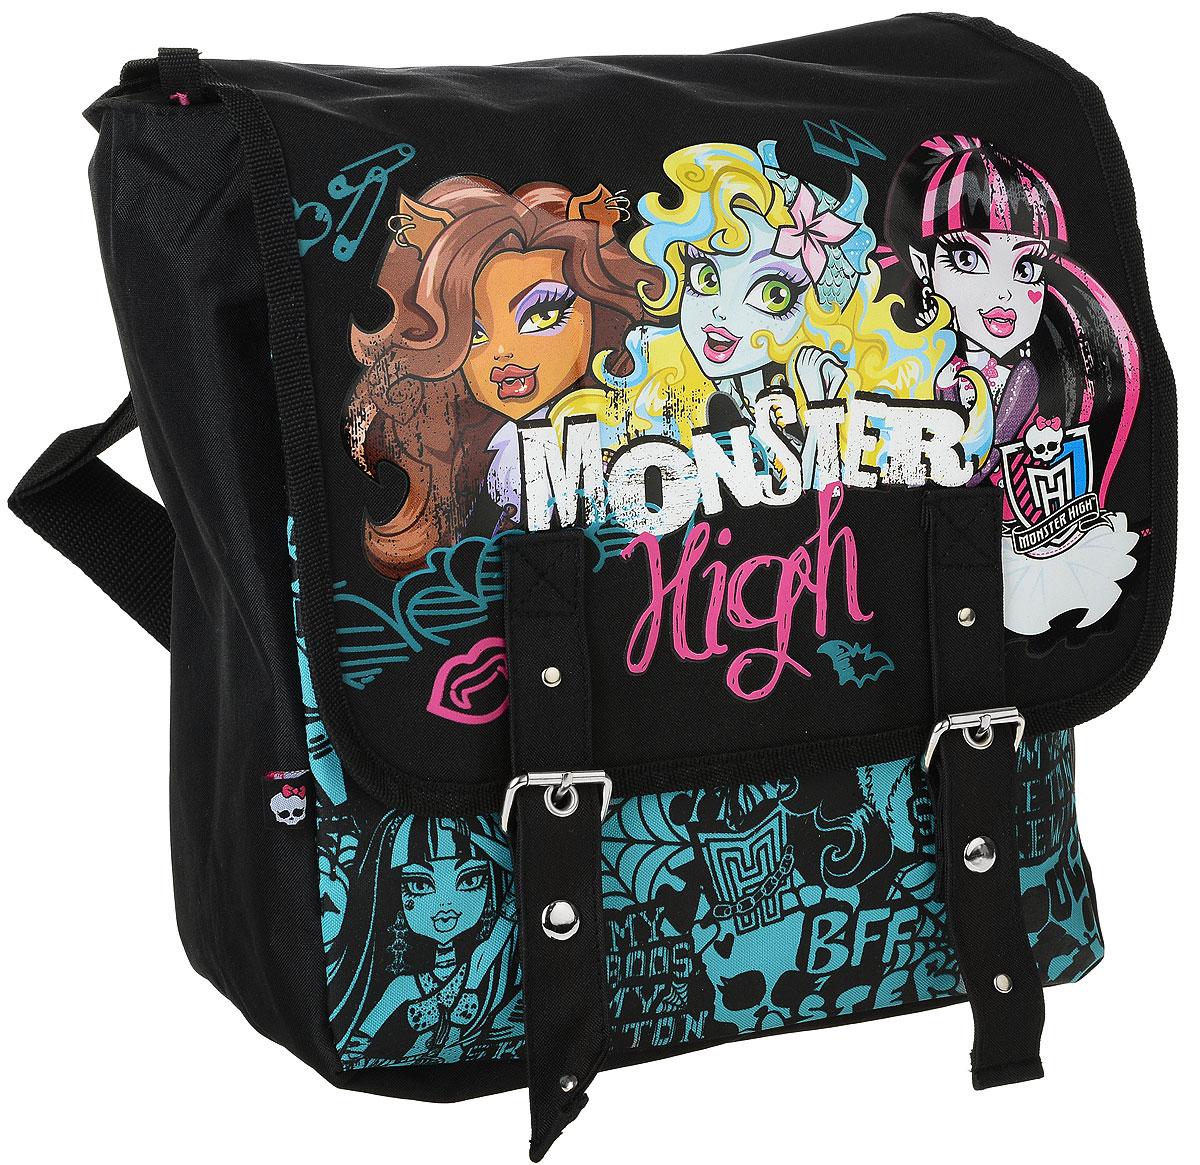 Рюкзак Размер 30 х 28 х 12 см. Monster High86029Этот рюкзак изготовлен из износостойкой легкомоющейся ткани. Сверху рюкзак застегивается на застежку молния, а затем закрывается клапаном на двух магнитных застежках. Внутри рюкзака имеется два маленьких кармашка, а также еще один карман на молнии.Плечевые лямки рюкзака Monster High Pink регулируются по длине. Кроме того у рюкзака имеется дополнительная ручка для ношения его в руке.Если Вы ищите подарок девочке, можете быть уверенными, рюкзак Monster High Night непременно придется ей по вкусу!